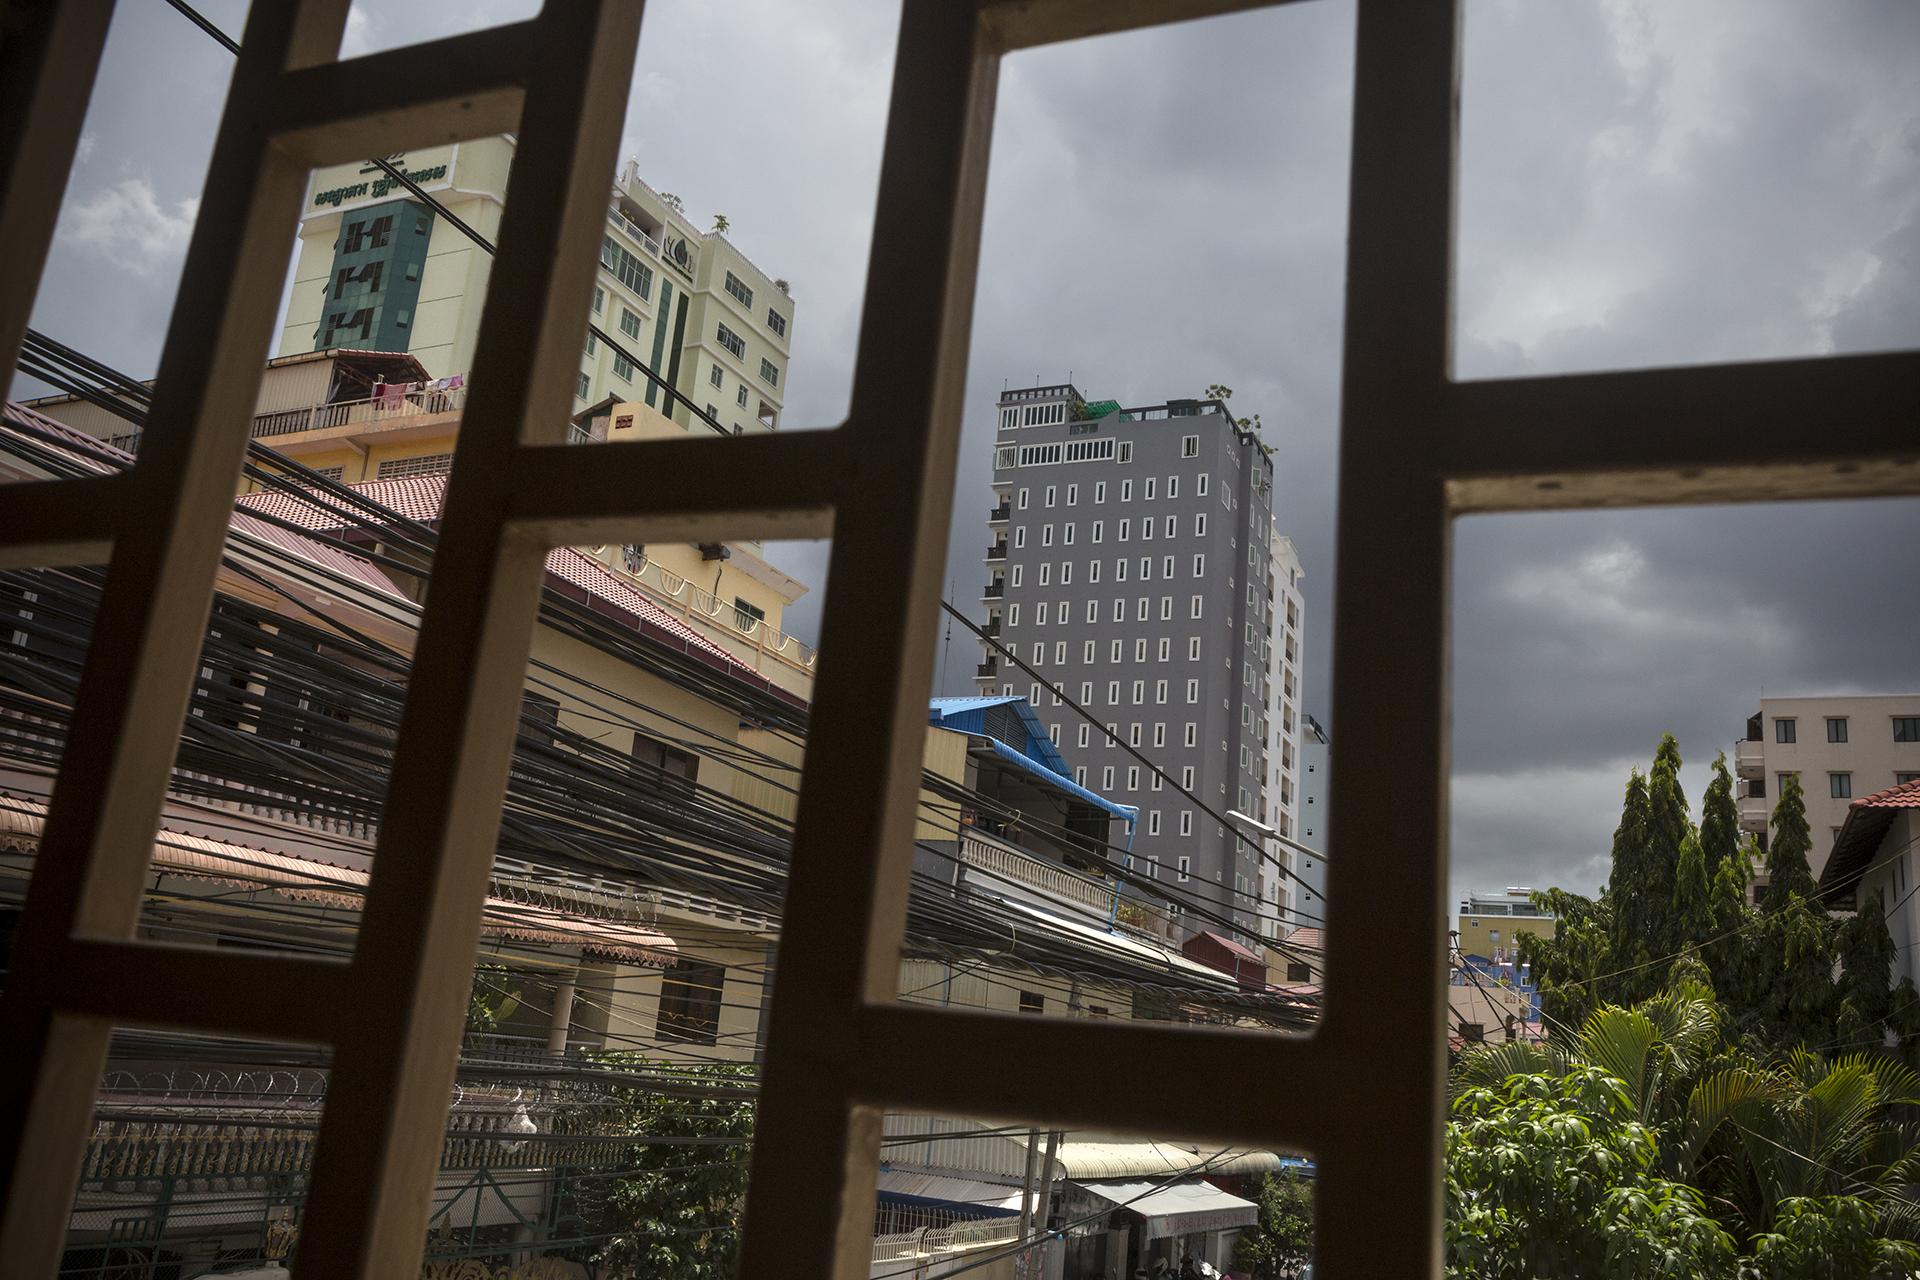 """Juin 2016. Dans l'appartement de Sophéa à Phnom-Penh. Sophea venait juste d'avoir son fils quand elle a été arrêté pour une arnaque bancaire. Elle était sans emploi et """"trainait avec les mauvaises personnes"""" selon ses dires. Elle a été condamnée à 2 ans de prison dont un an ferme. Puis elle a retrouvé du travail et a habité avec sa mère et sa sœur, sans son fils qui était chez son père depuis son séjour en prison. Mais 4 ans après sa peine, les agents de l'immigration sont venus la chercher chez elle à 6h du matin et lui ont dit que les papiers du Cambodge pour la déportation étaient arrivés. Ils l'ont arrêté et gardée pendant un mois avant de l'expatrier vers le Cambodge.""""C'était effrayant car à aucun moment on m'a dit si j'allais être déportée ou non"""". Sa famille venait la voir pendant les week-end. Elle a pris un avocat mais son dossier n'a finalement pas été réouvert."""